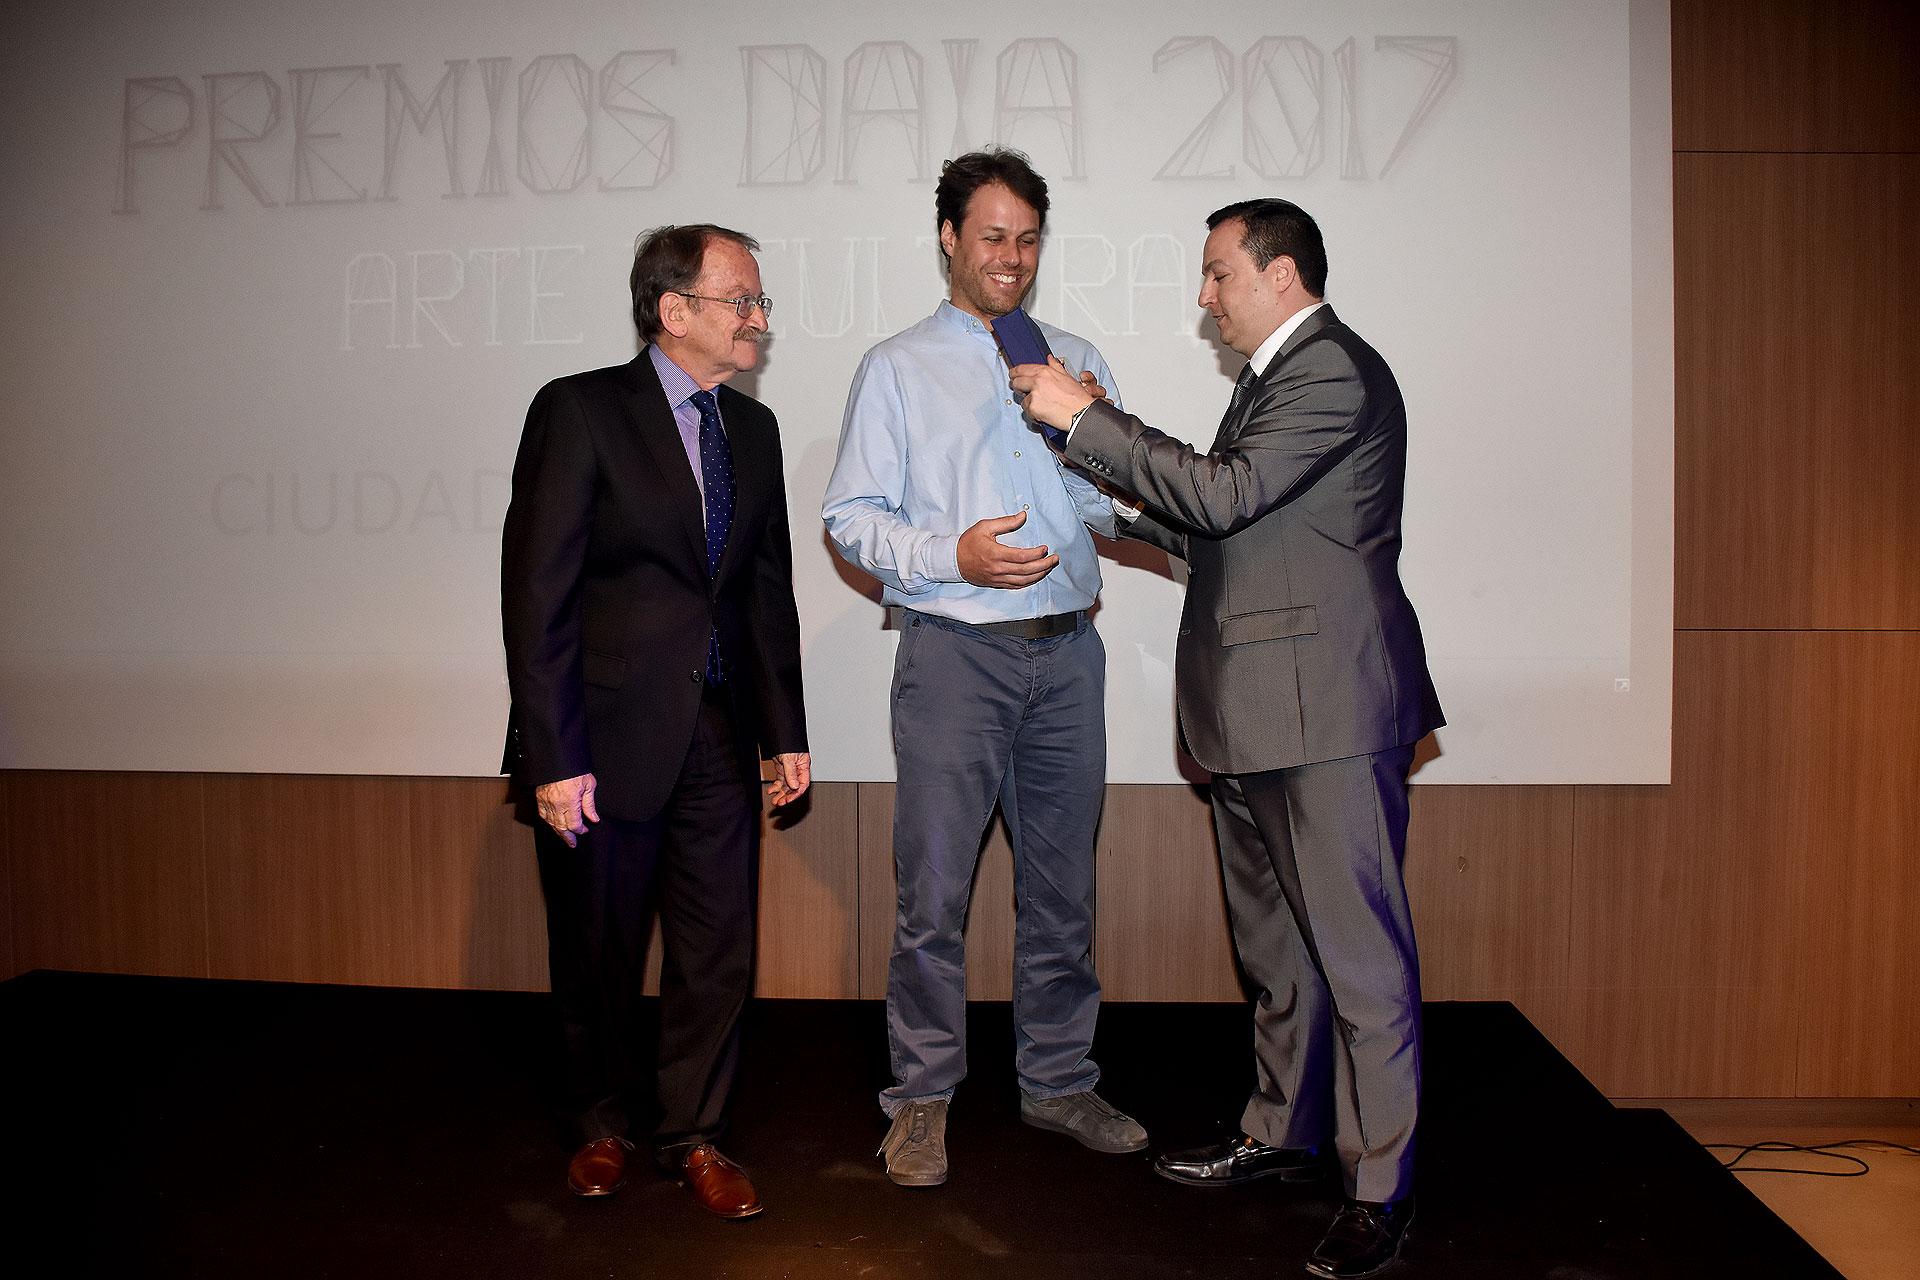 El Premio DAIA 2017 a la Promoción Artística fue para la Ciudad Cultural Konex y fue recibido por Andy Ovsejevich, su director (centro). Este premio fue instituido para distinguir a quienes asumen la misión de impulsar el desarrollo del arte, en diversos ámbitos y de las formas más diferentes